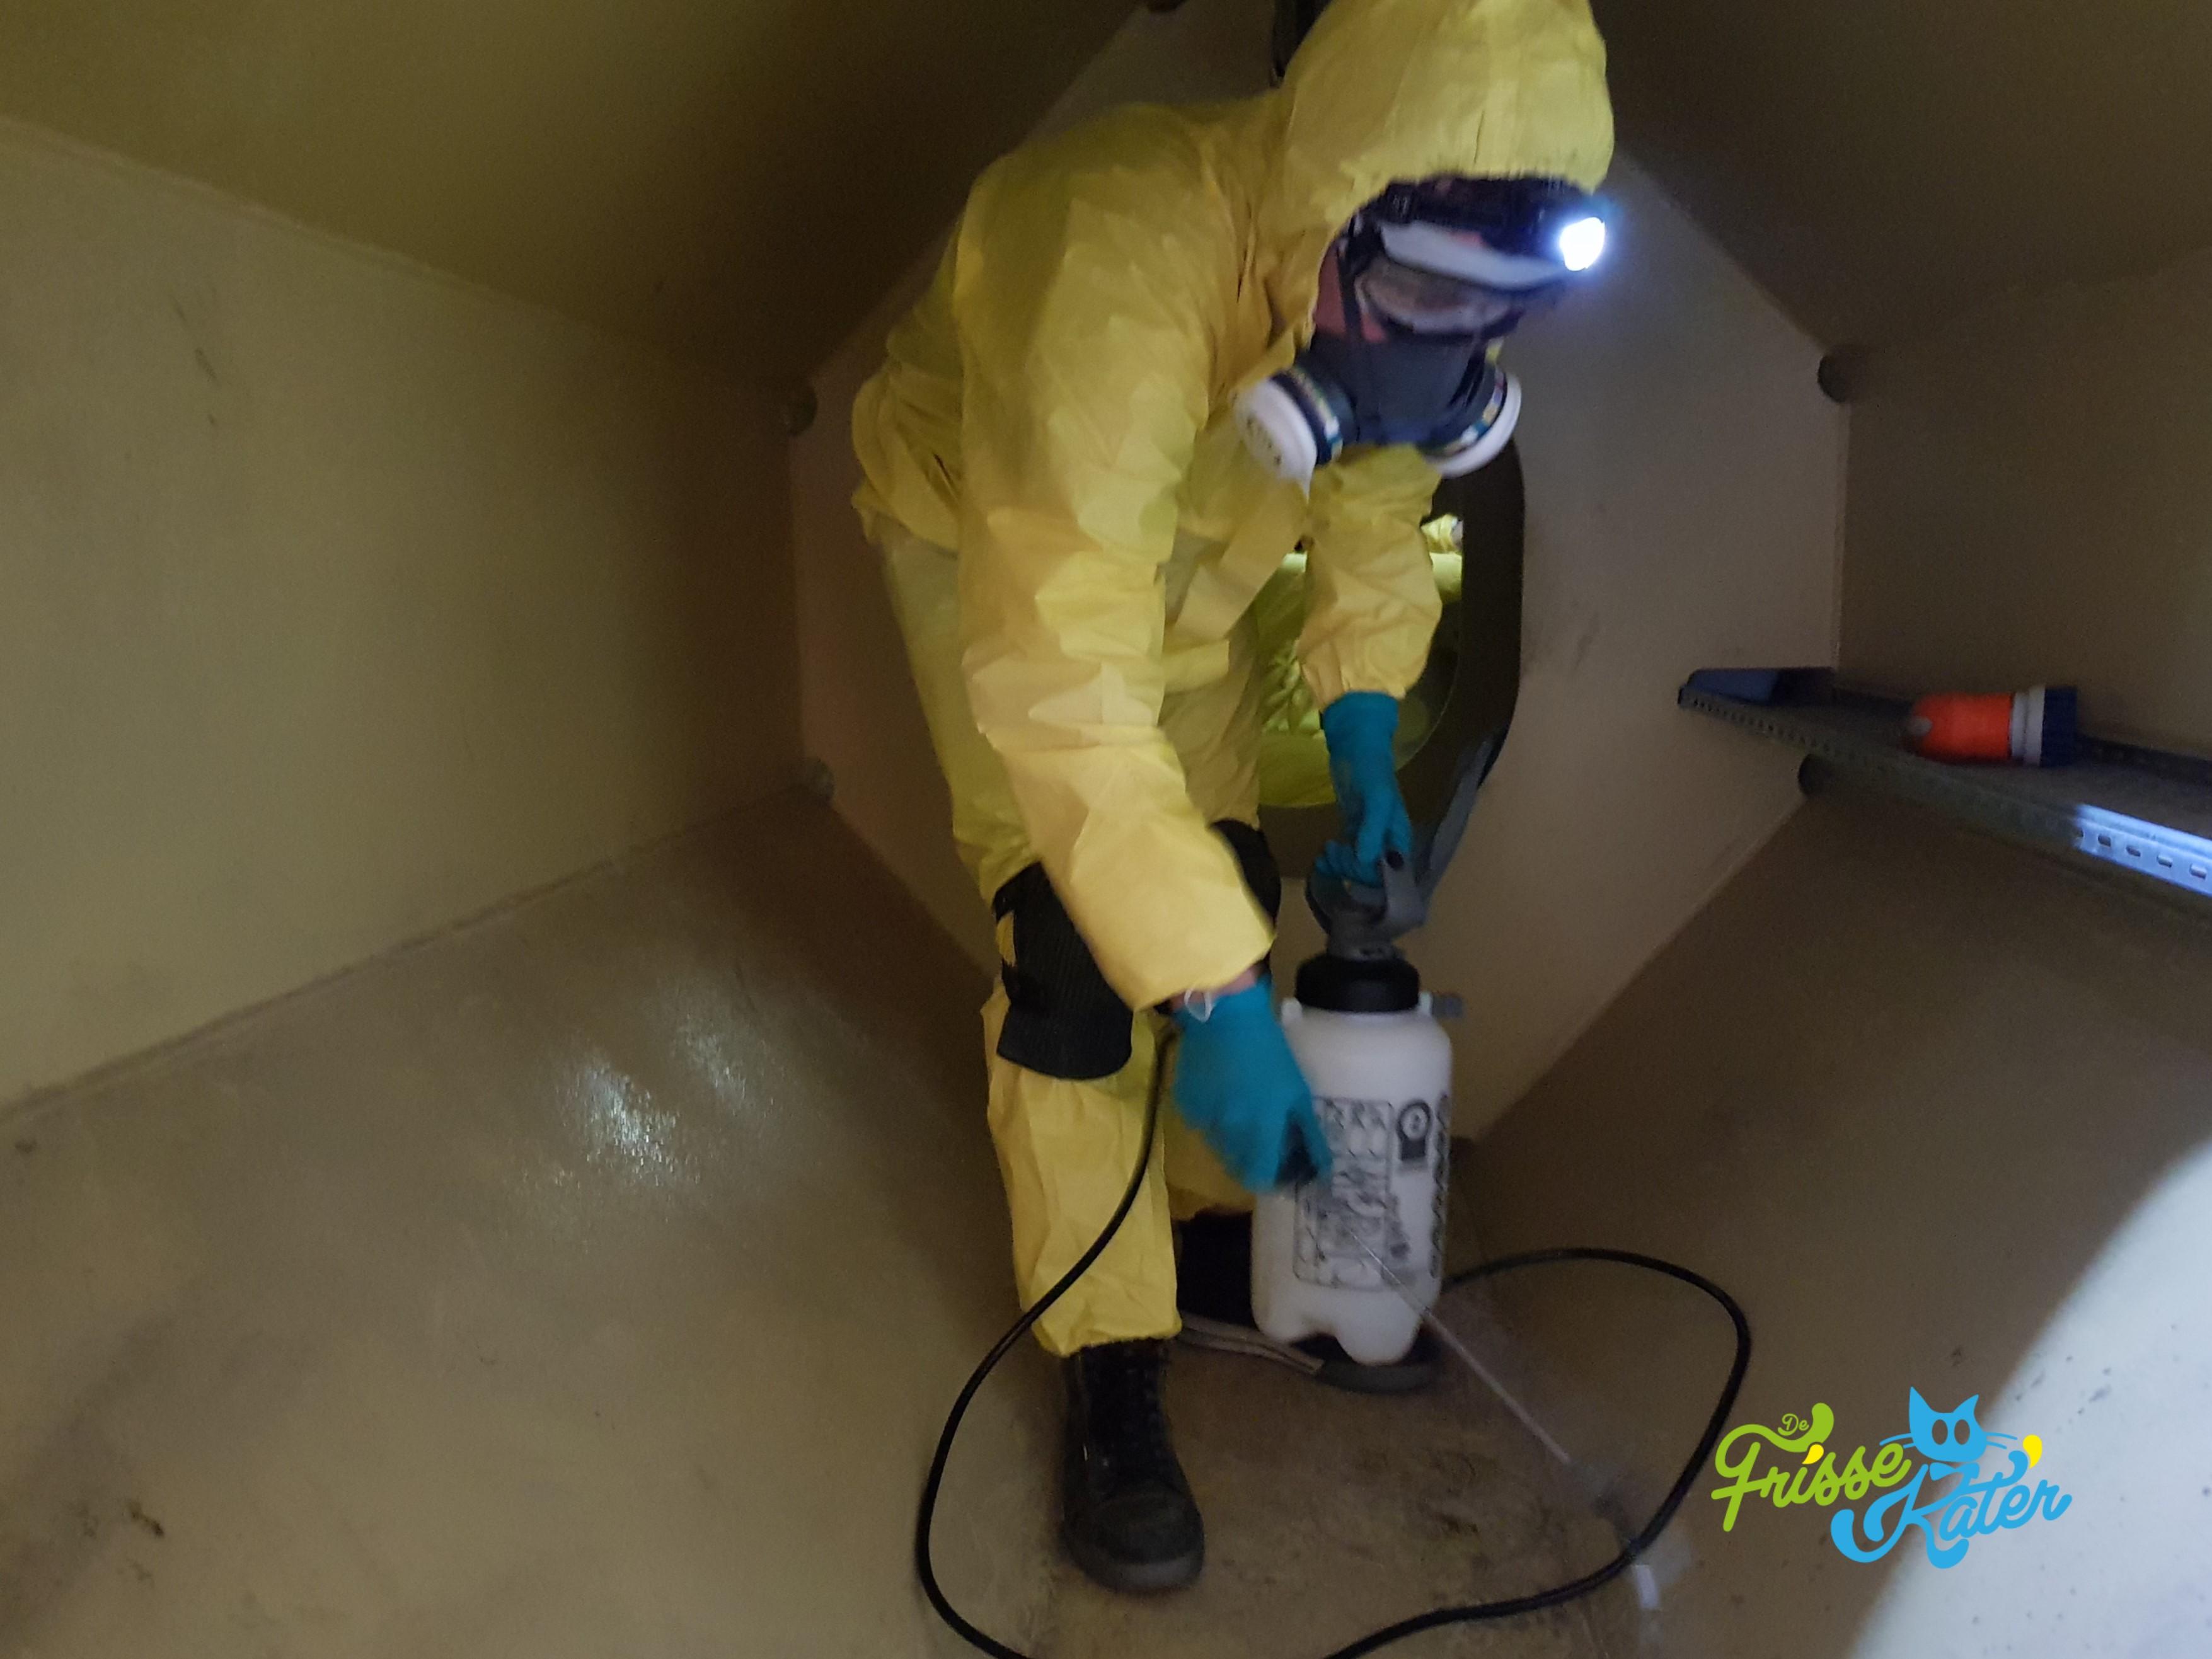 Zelf schoonmaken of een professional inhuren voor uitzonderlijke situaties?